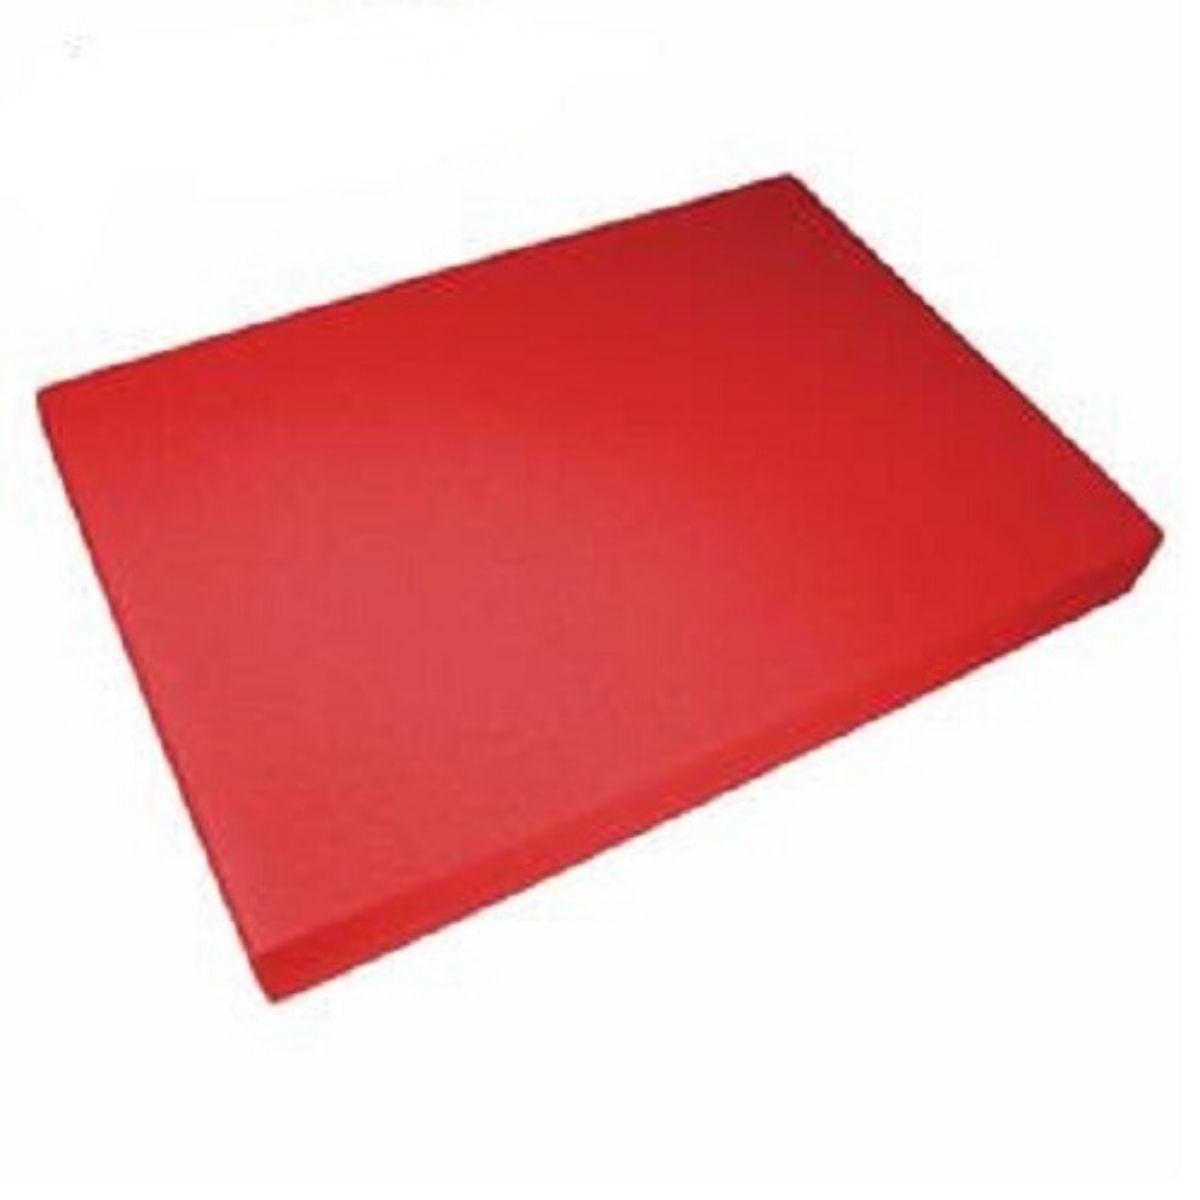 Kit 1000 Capas para Encadernação PP 0,30mm A4 Vermelha Couro (Fundo)  - Click Suprimentos